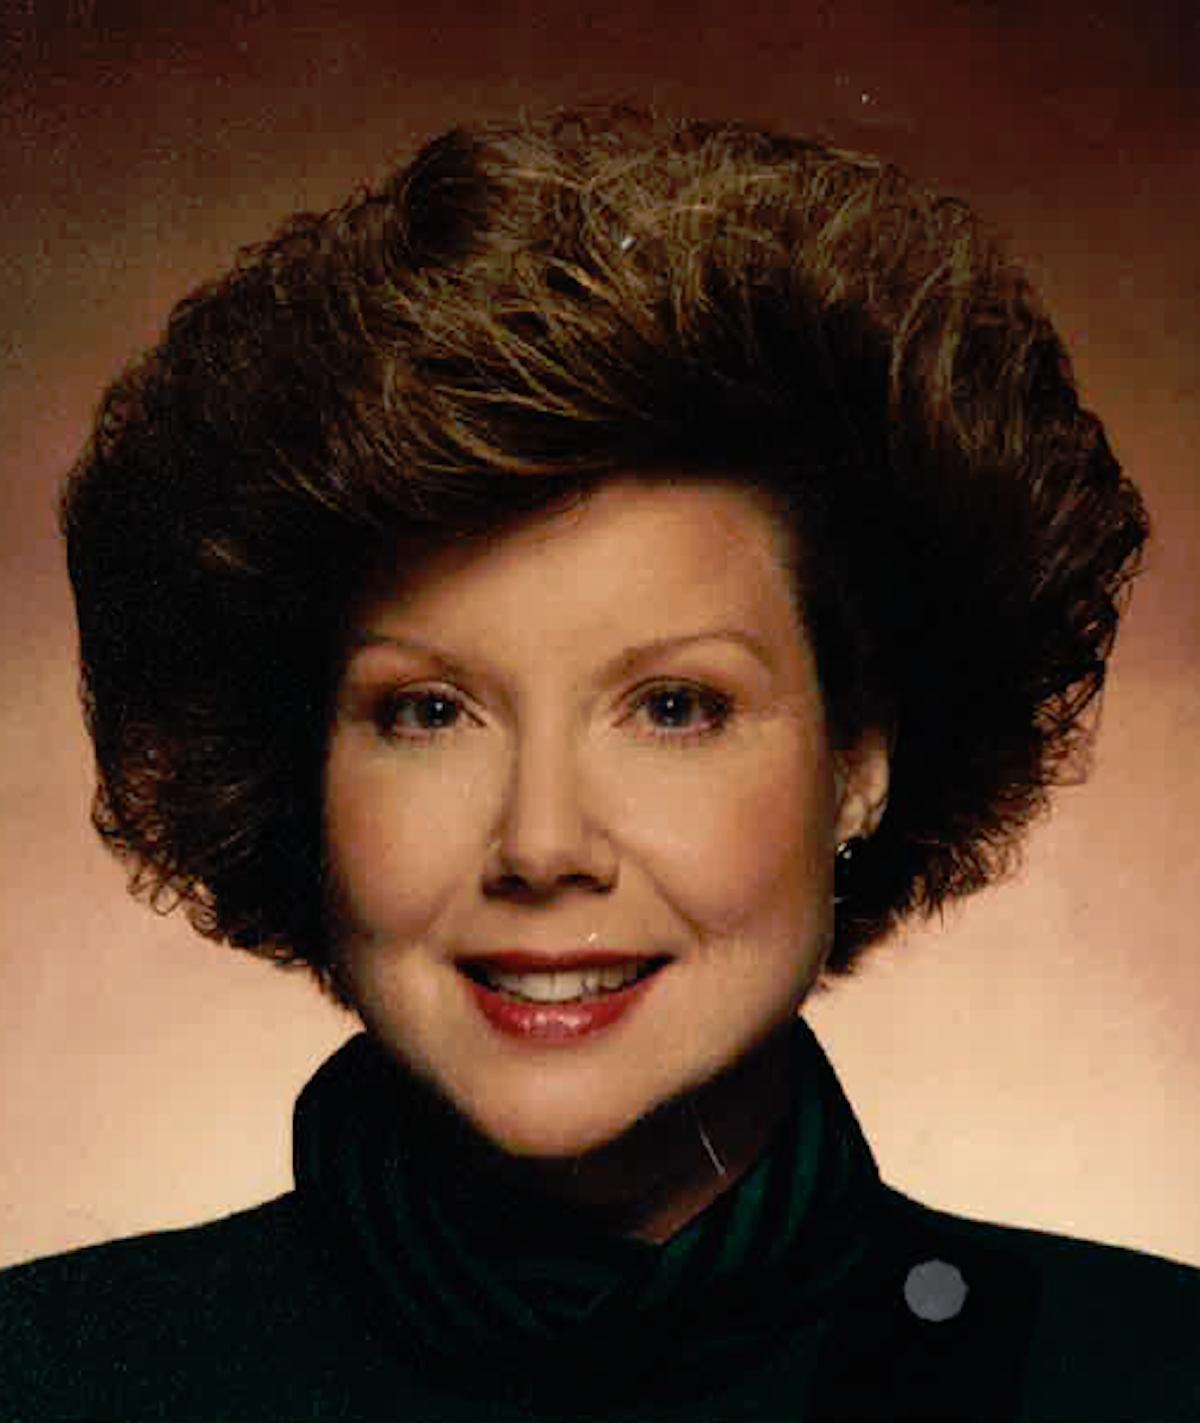 Carol Kyser Dallas Morning News Veteran Dies At 63